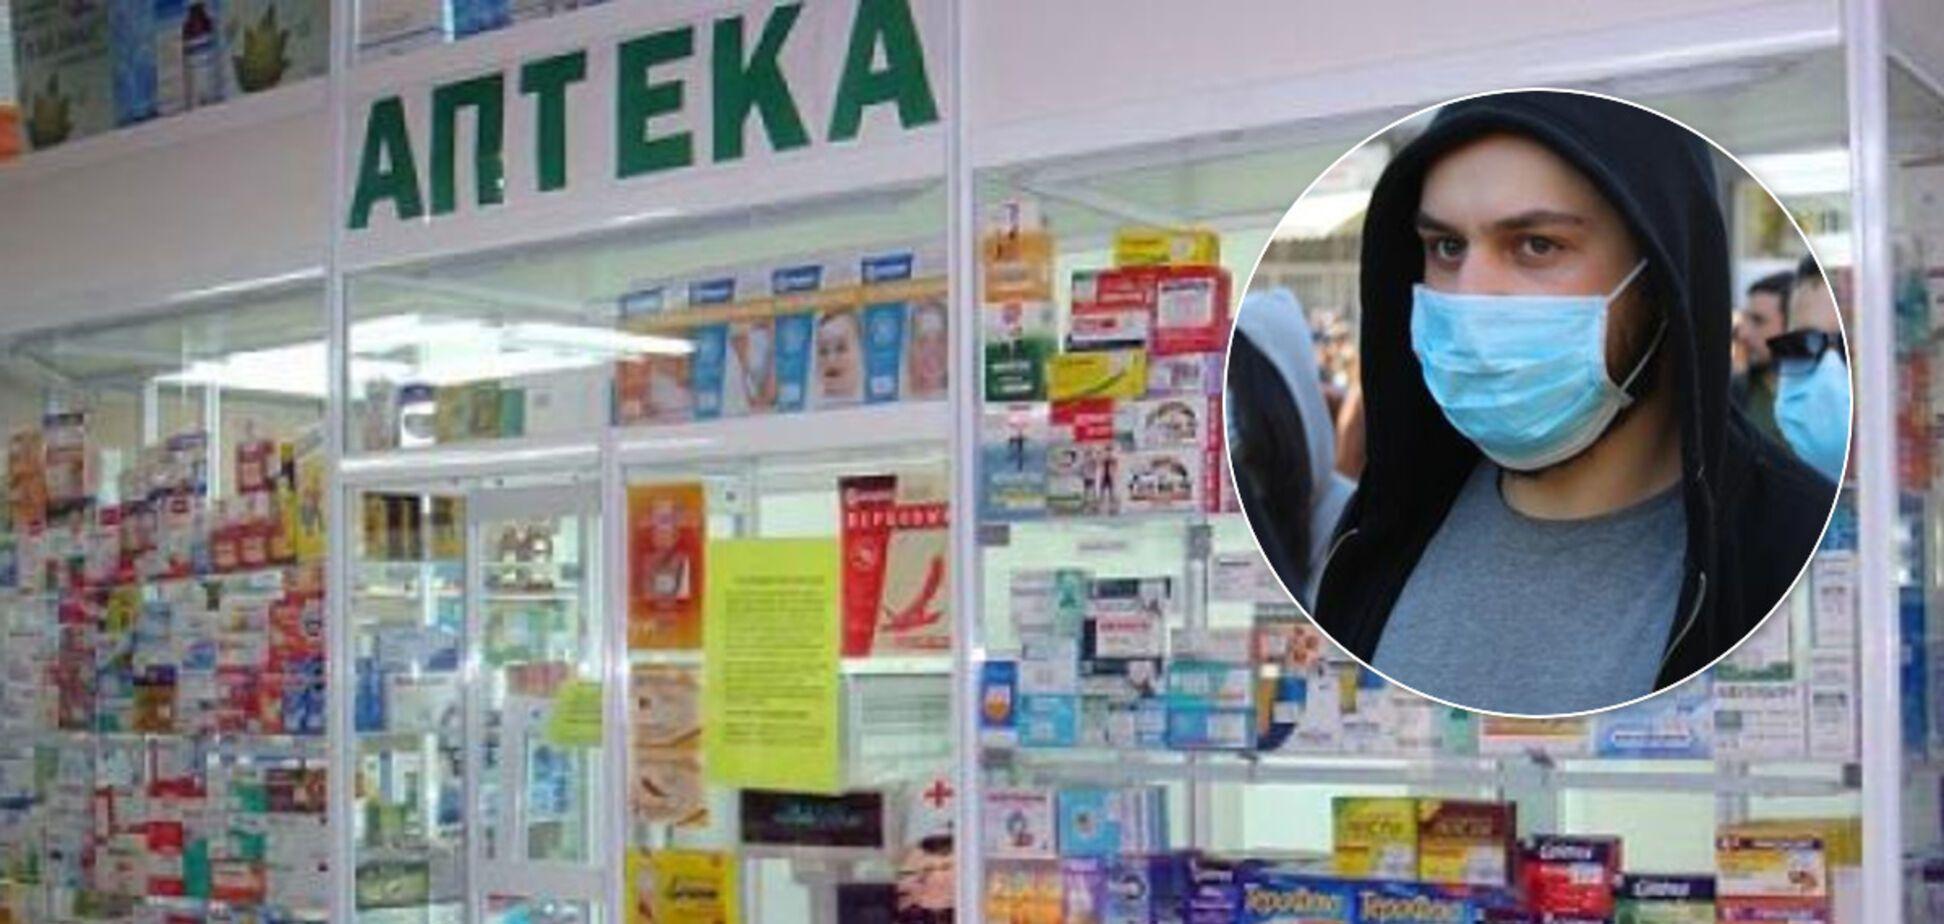 Масок в аптеках не будет: почему обещания Минздрава не помогут украинцам